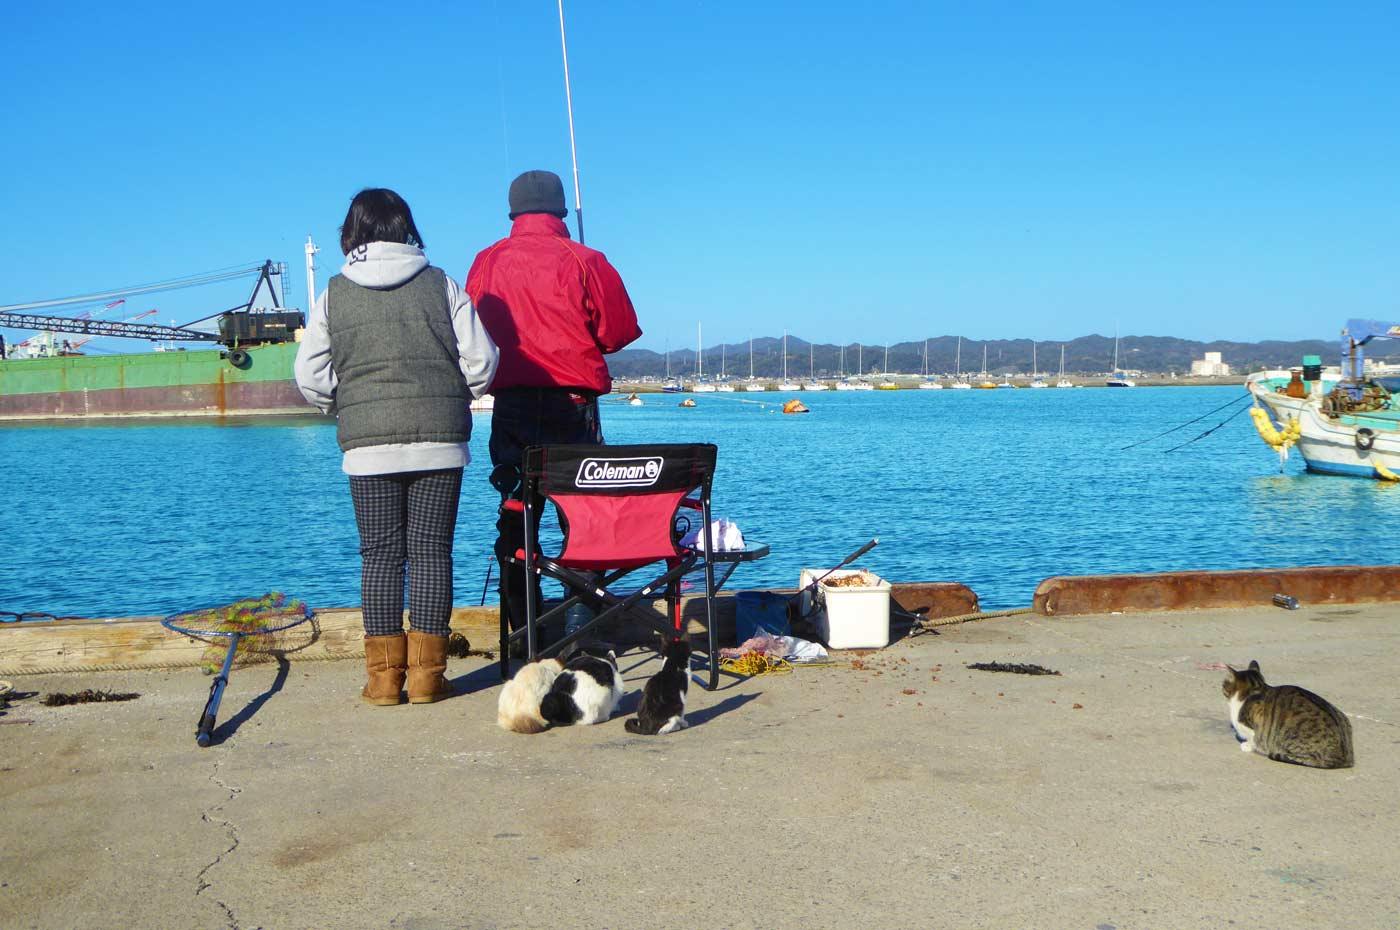 館山港の釣り人とネコ